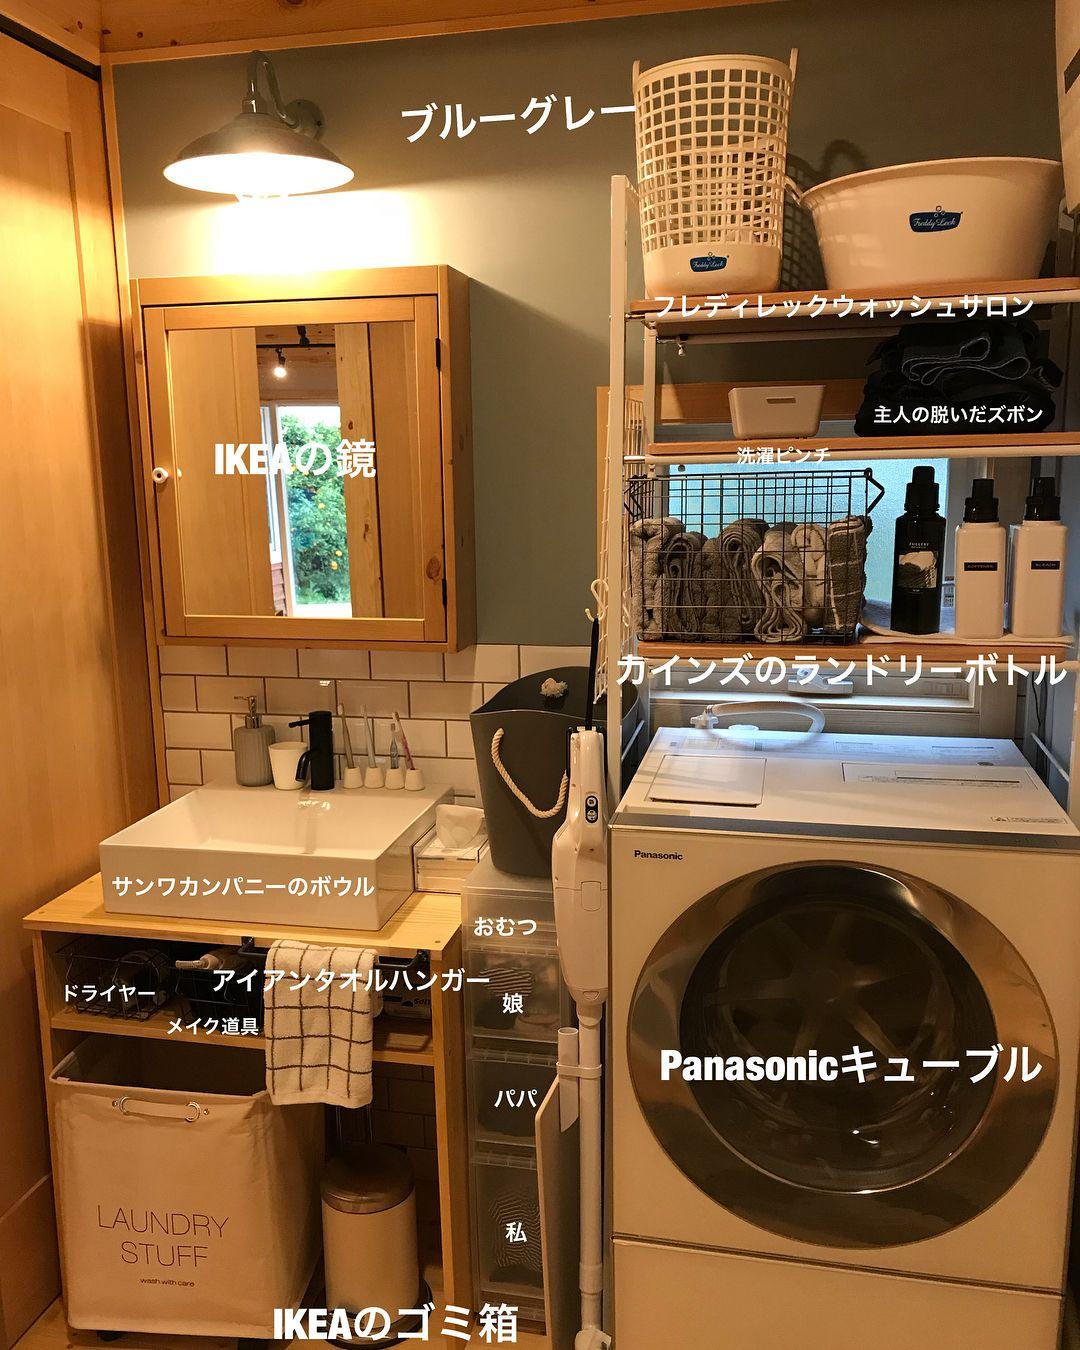 簡単 浴室乾燥機の掃除方法 フィルターをきれいにしてカビ対策 浴室乾燥機 浴室乾燥 掃除